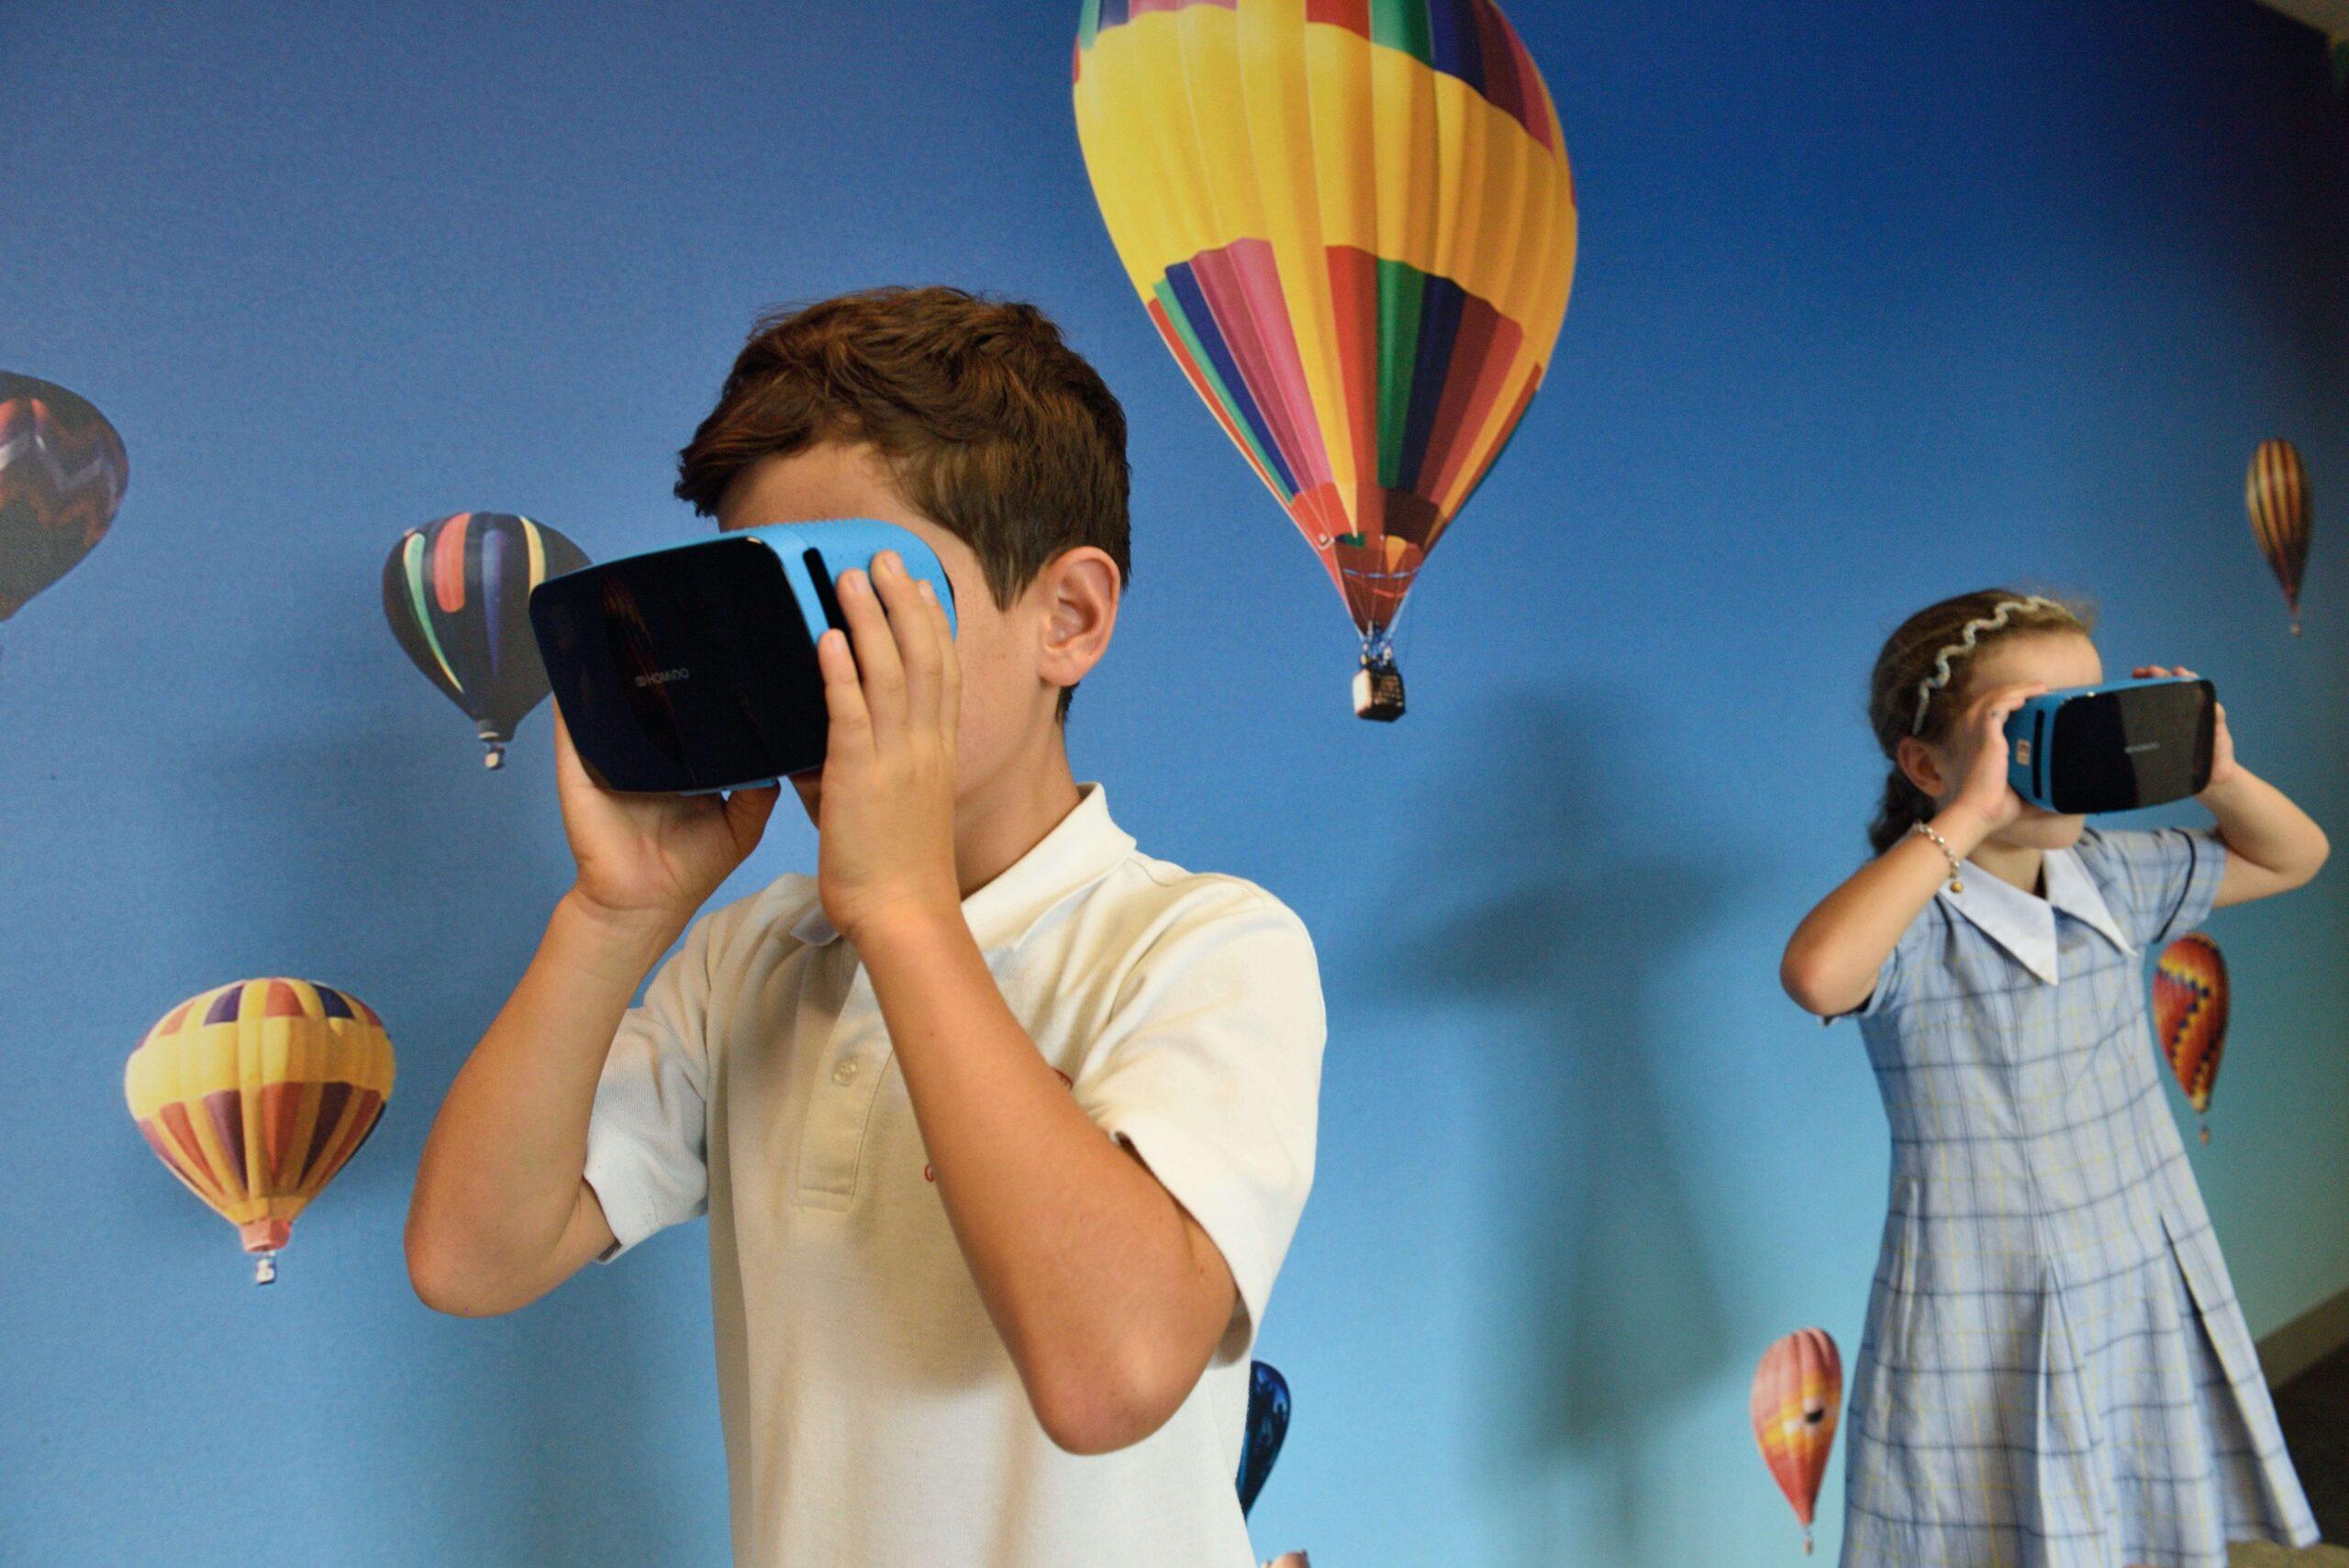 VR Venue in BKK